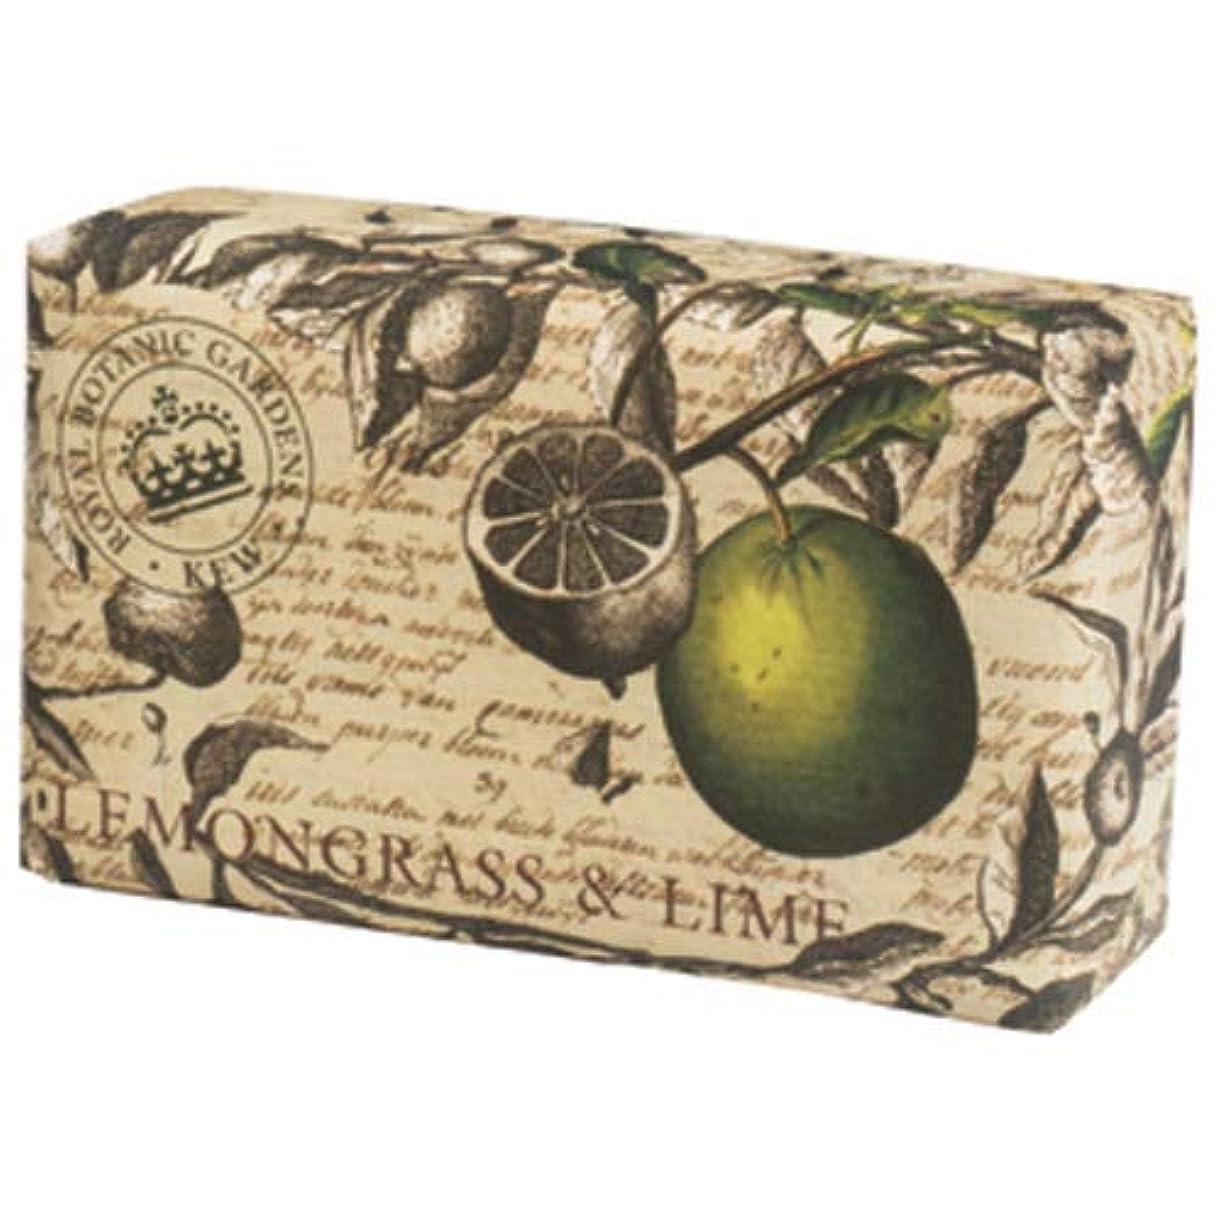 コンバーチブルお誕生日全部三和トレーディング English Soap Company イングリッシュソープカンパニー KEW GARDEN キュー?ガーデン Luxury Scrub Soaps スクラブソープ Lemongrass & Lime...